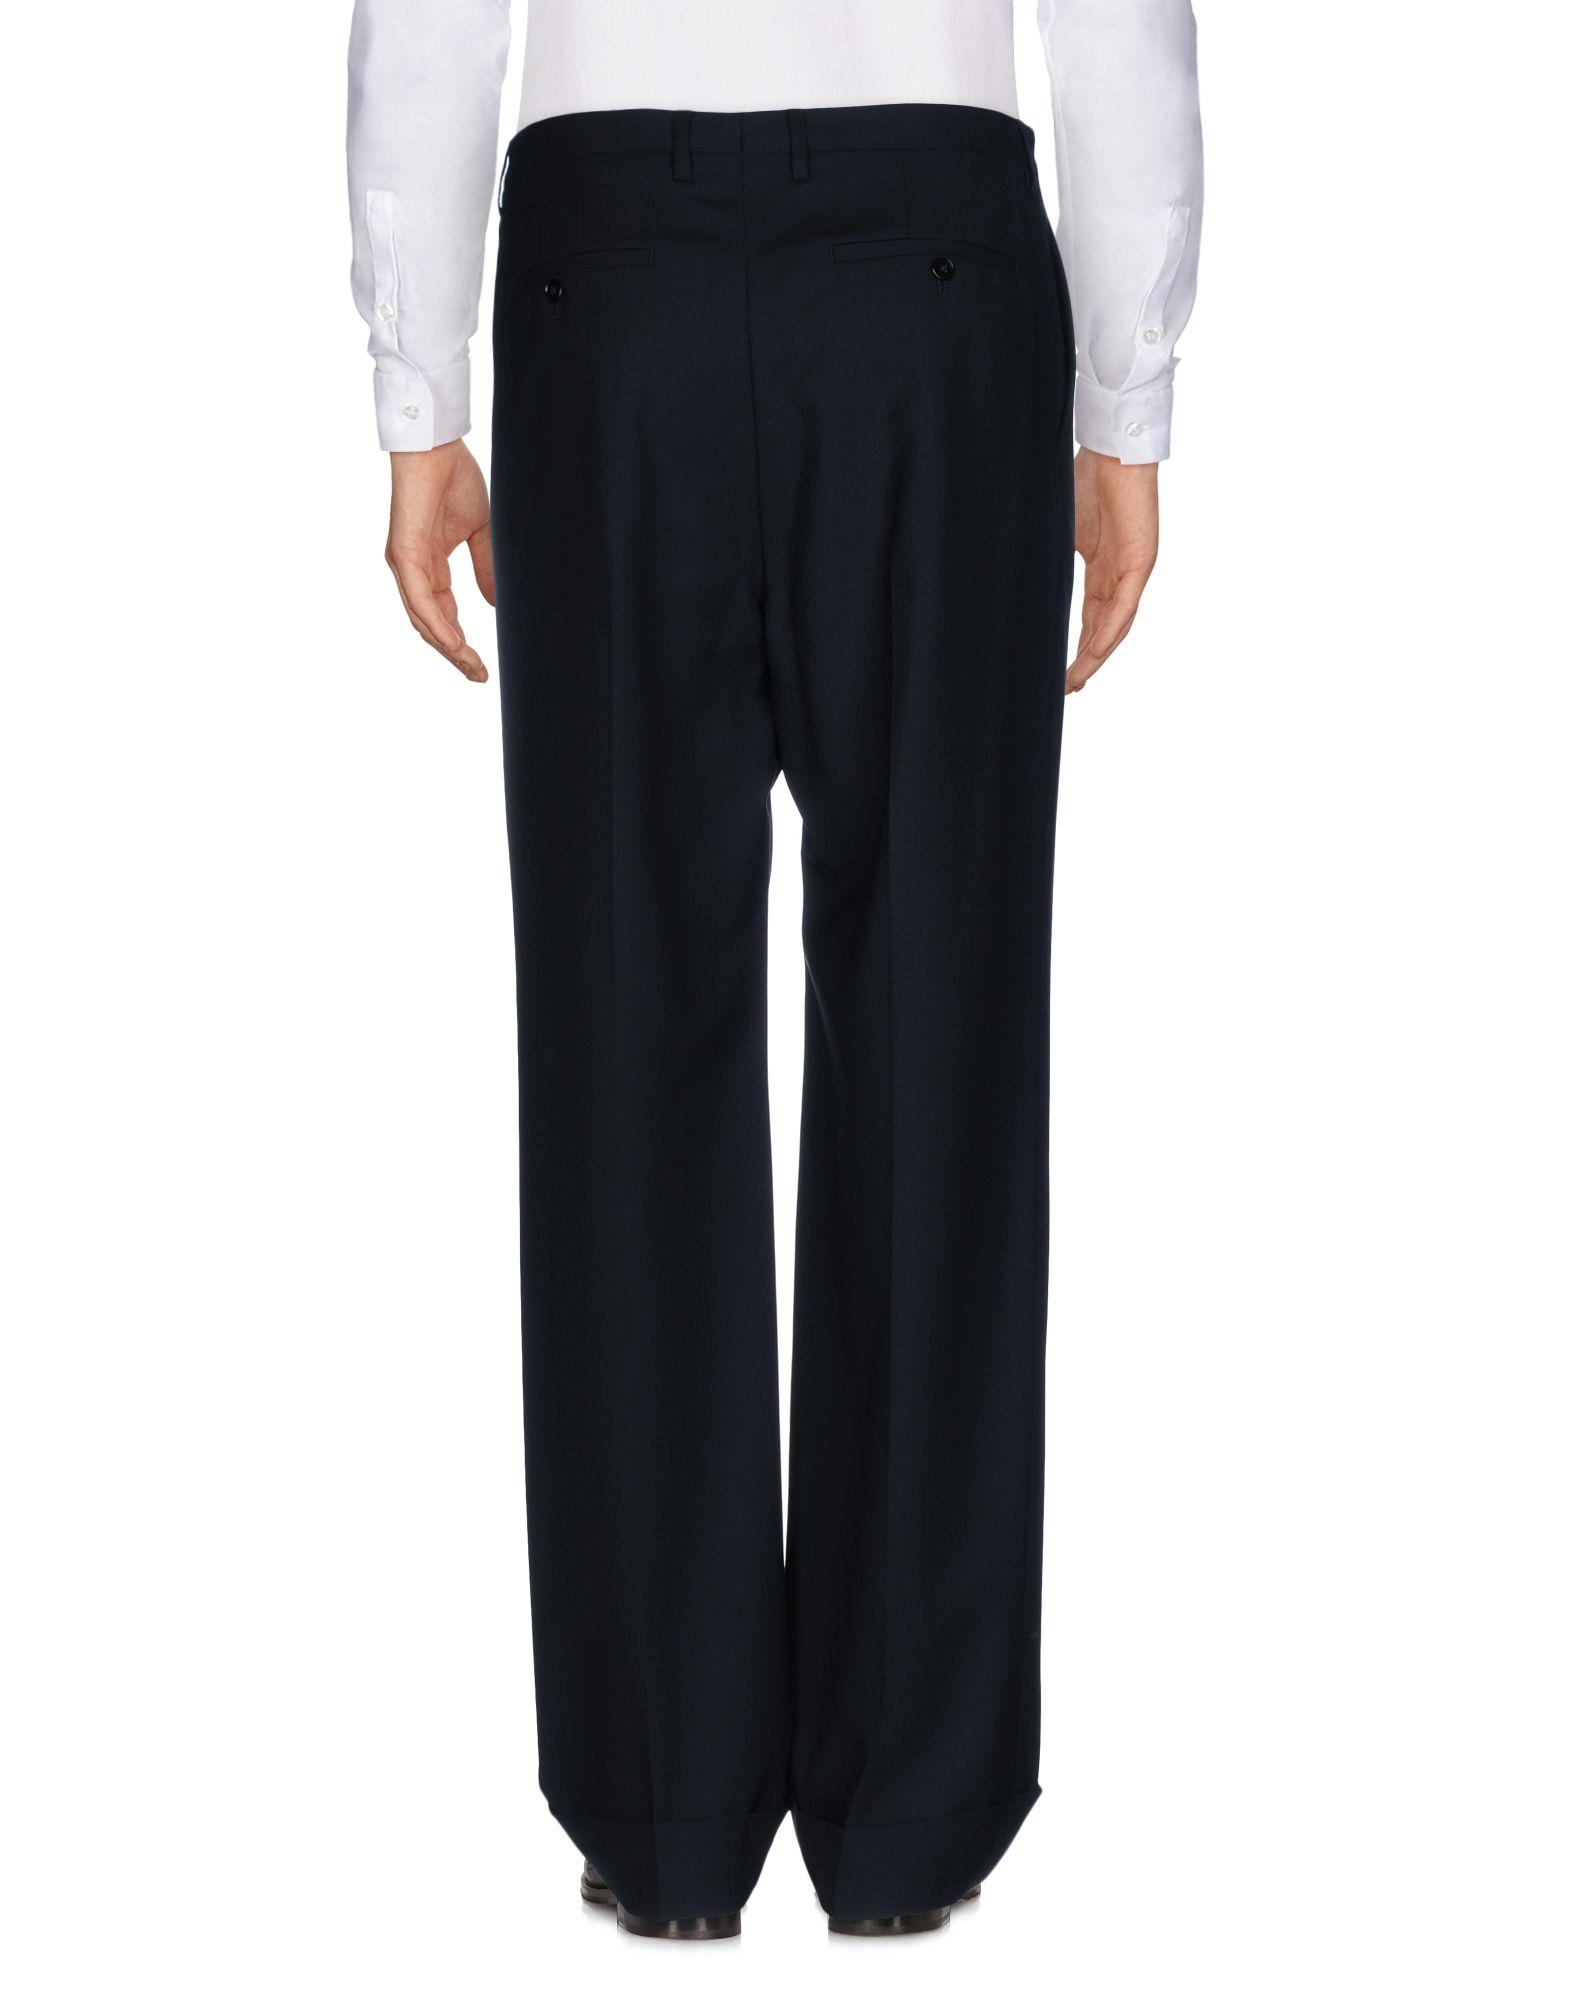 Pantalone Maison Margiela Uomo Uomo Uomo - 13091253HW 25b29f